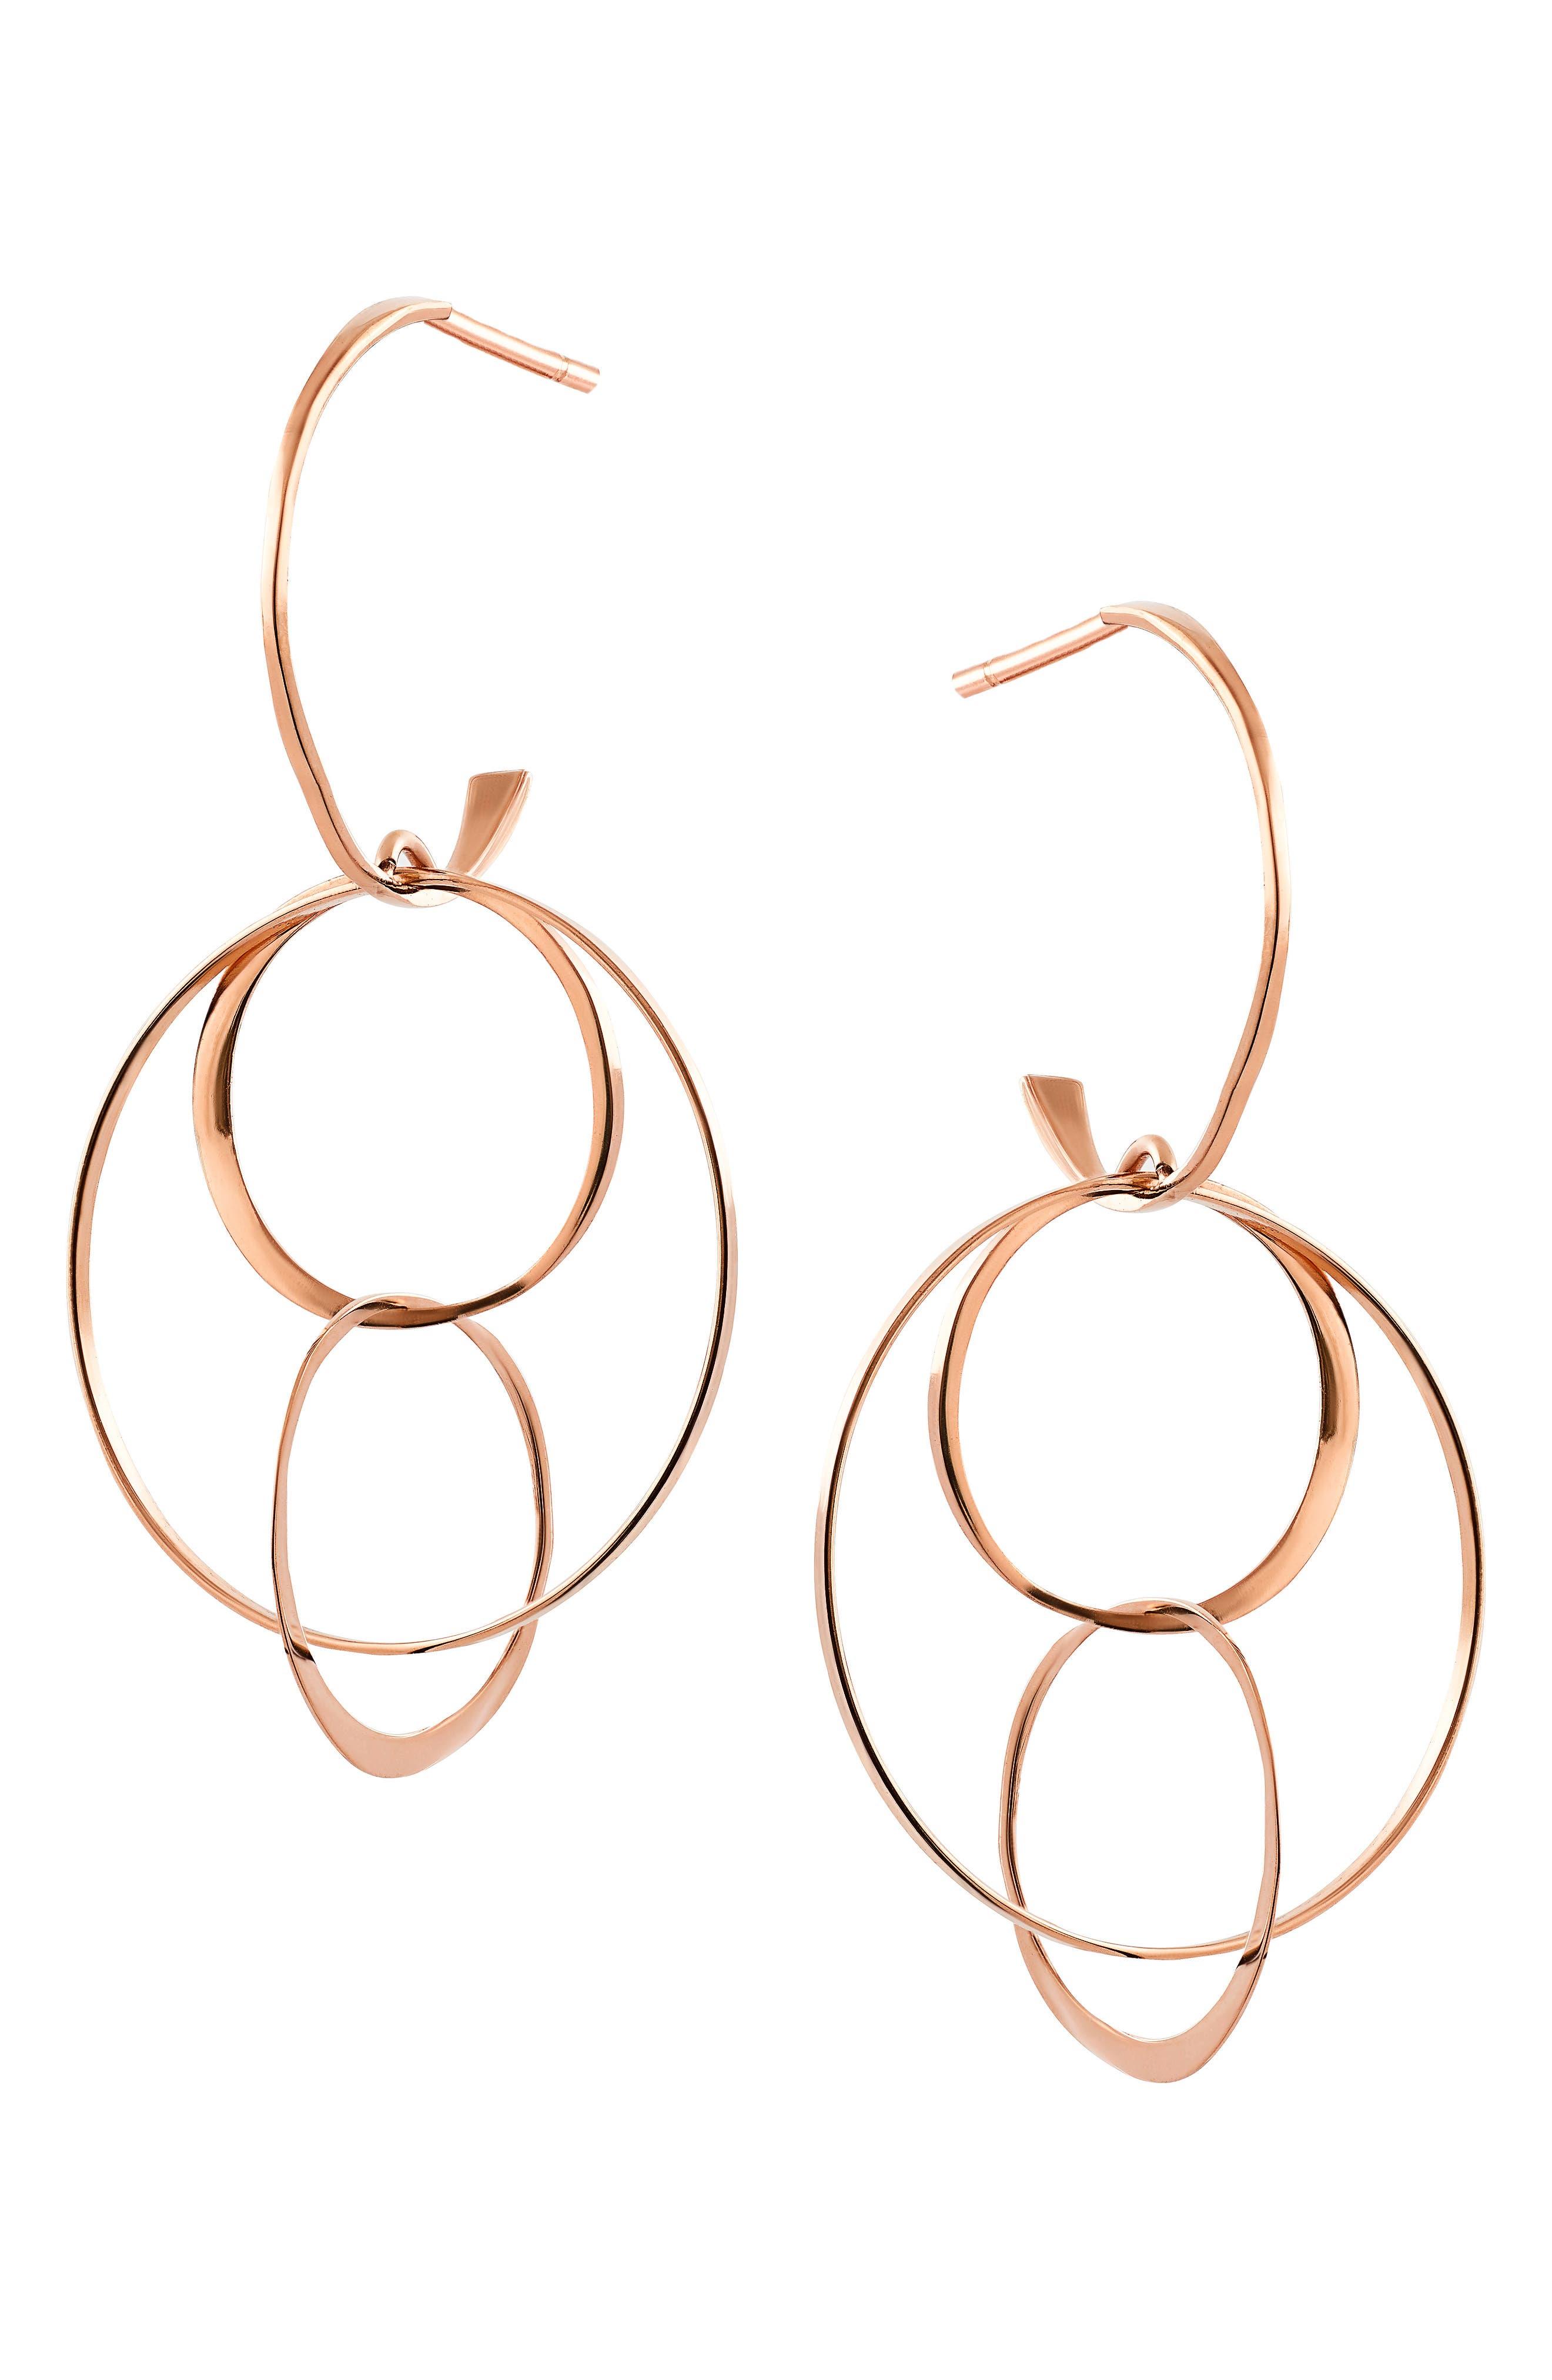 LANA JEWELRY Openwork Drop Earrings